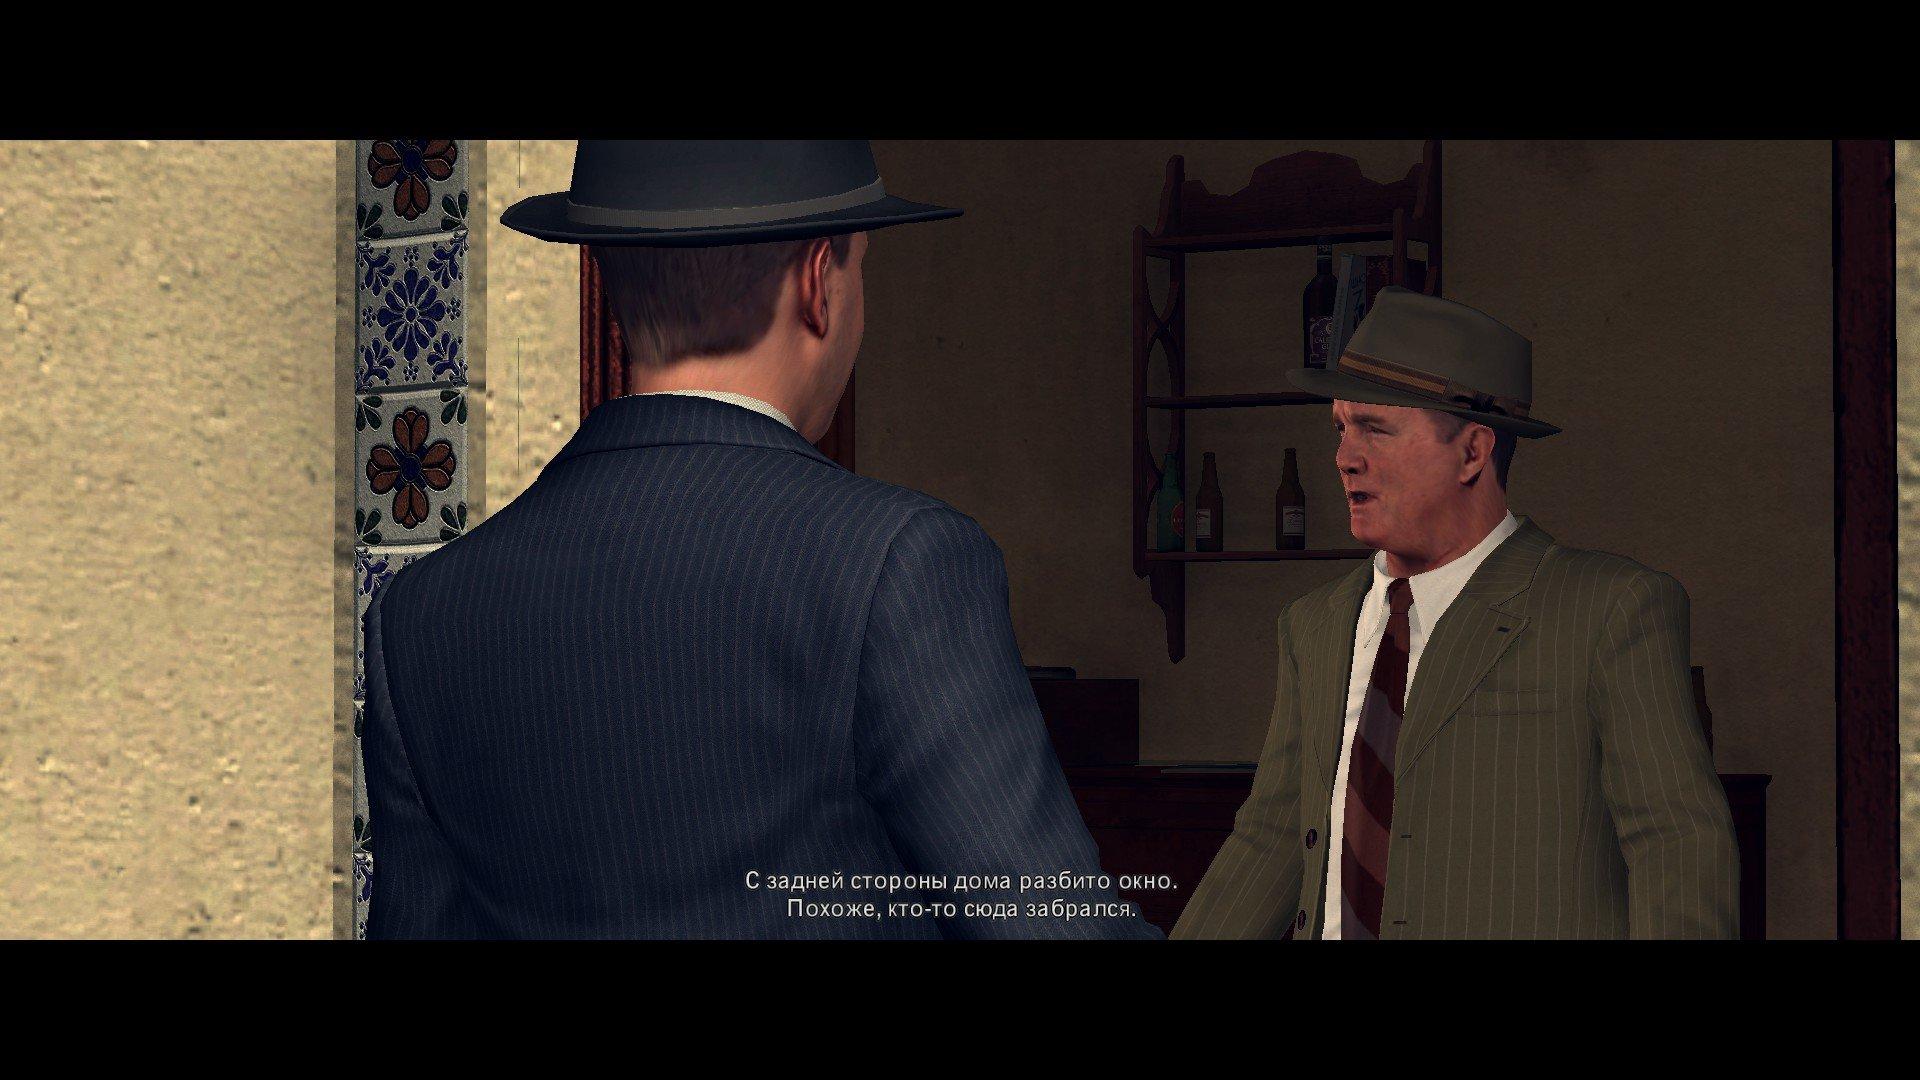 Пост-прохождение L.A. Noire Часть 8 - Изображение 28